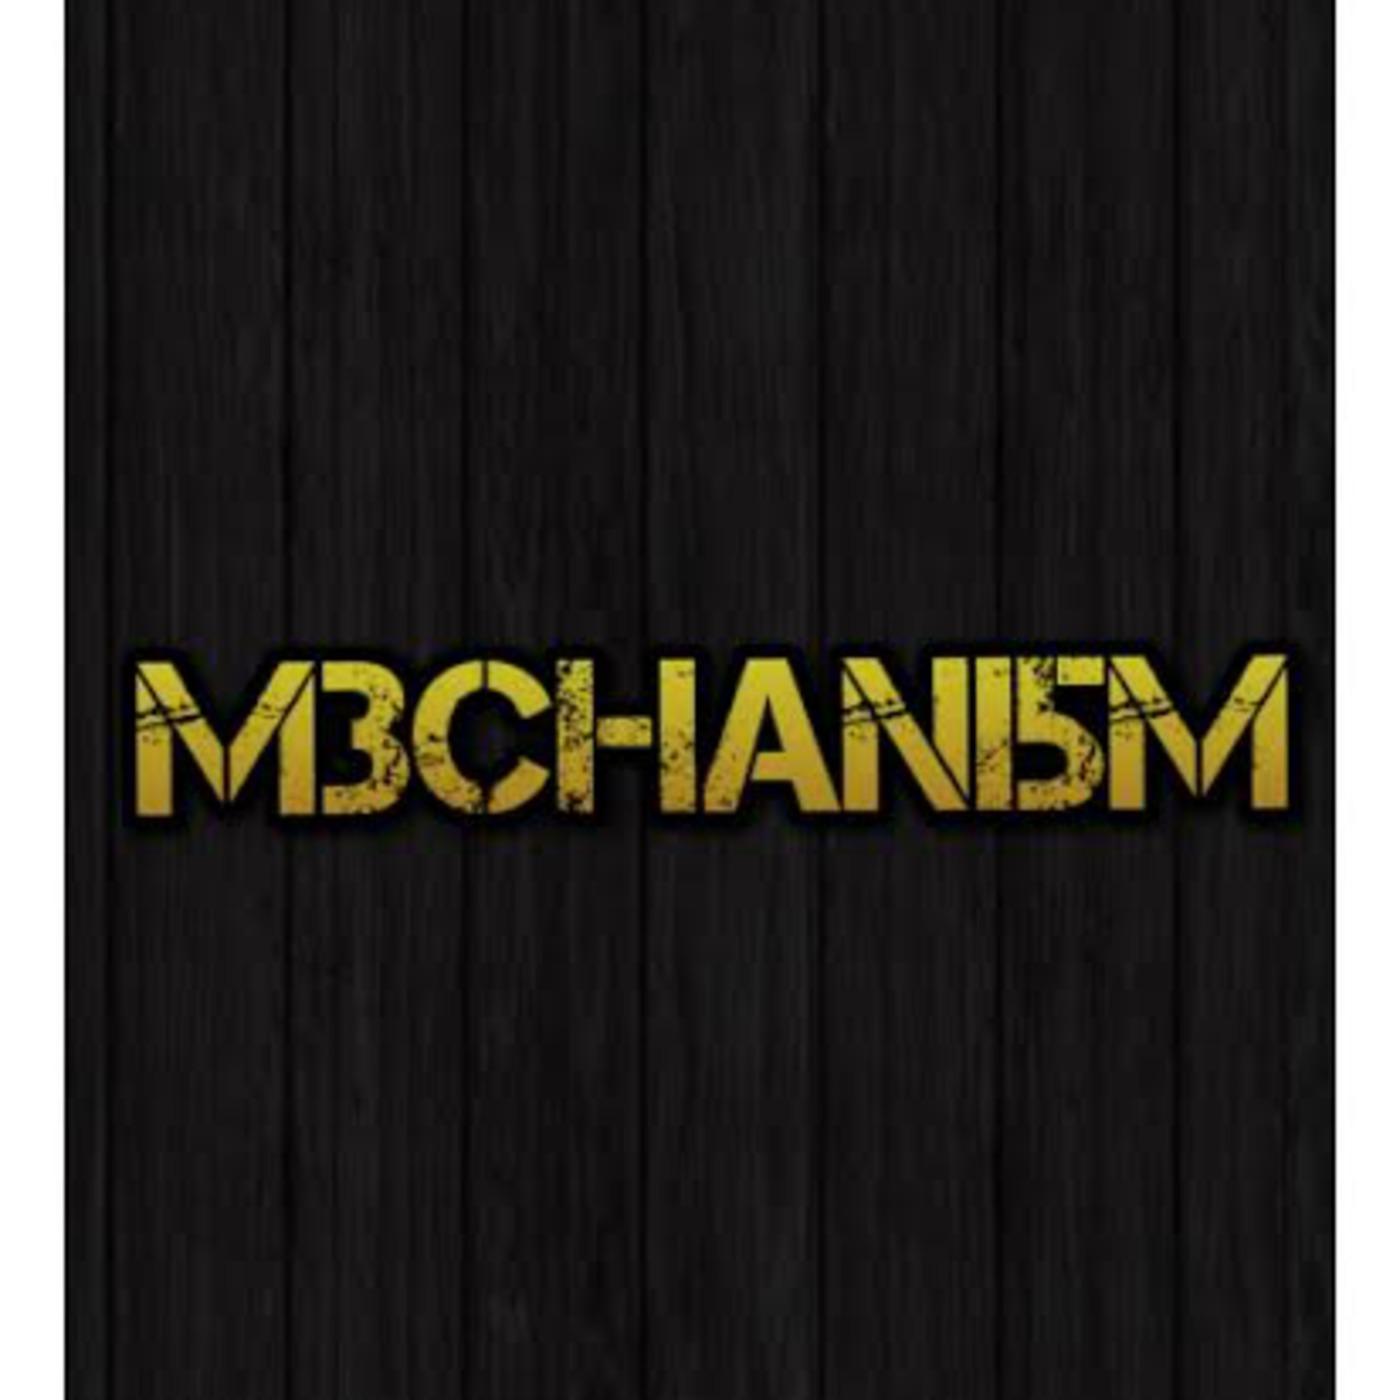 M3CHANI5M